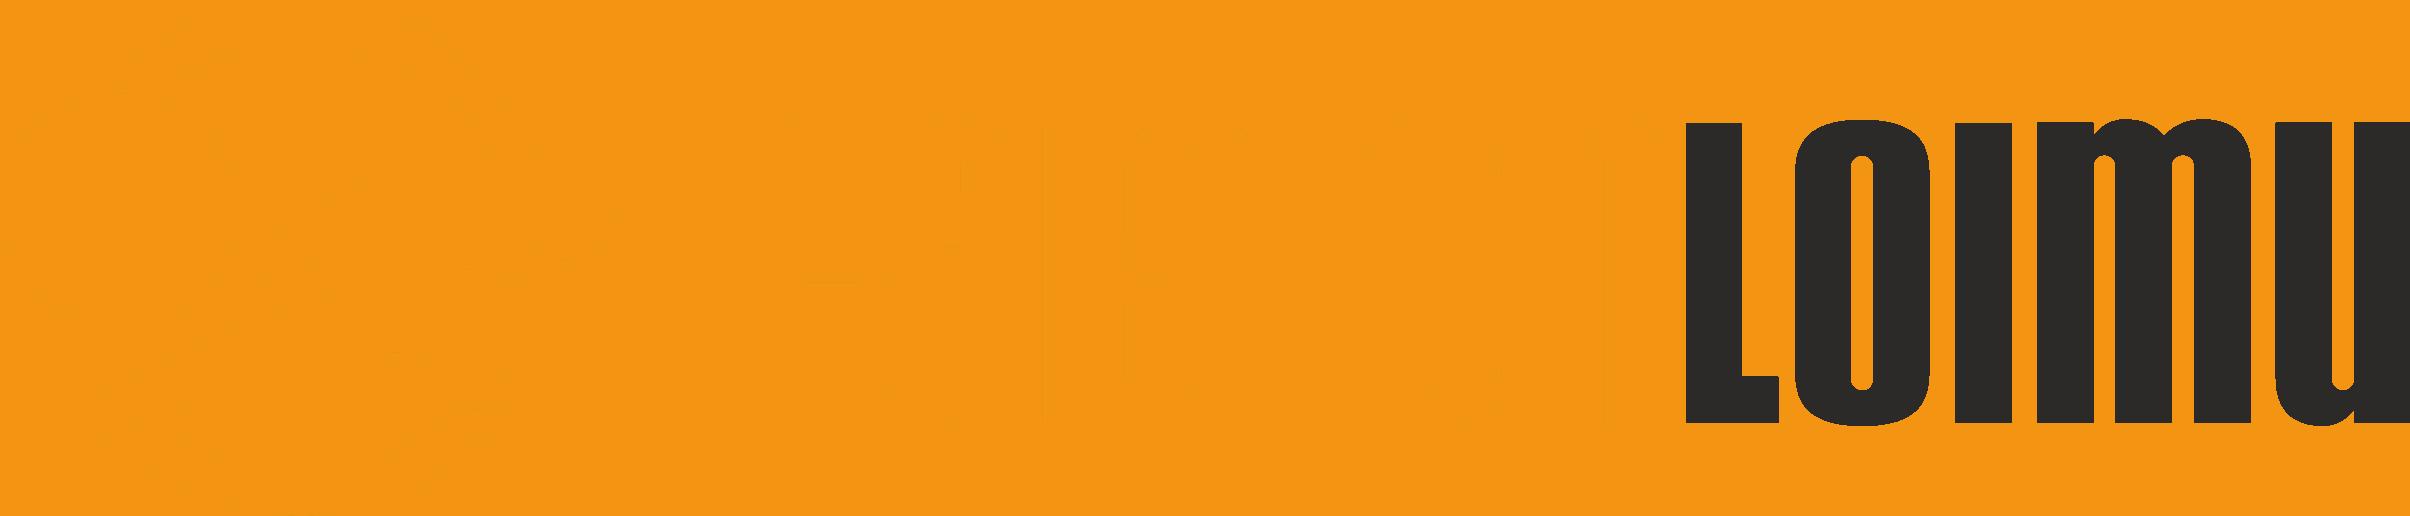 Loimu_logo_vaaka_PMS144